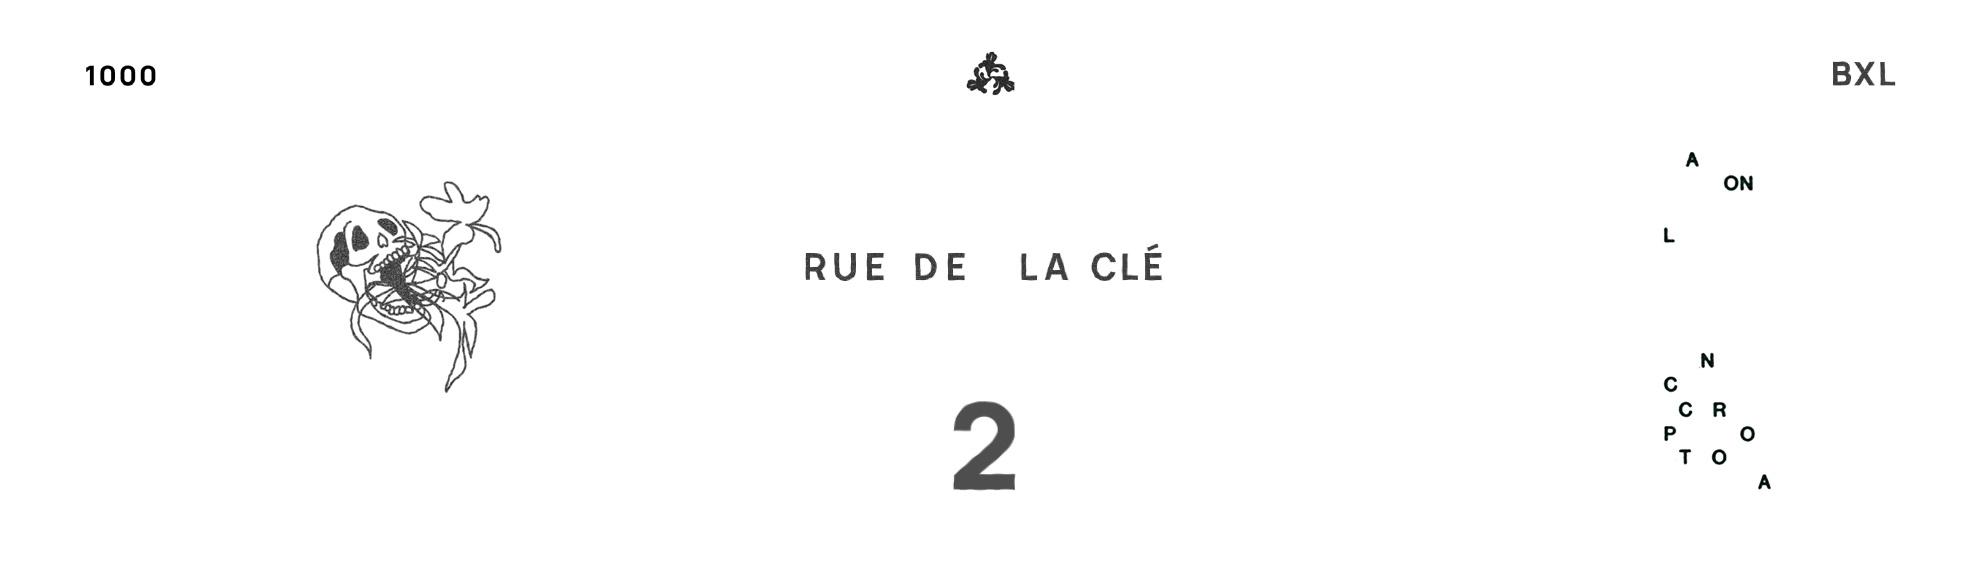 rue de la clé 2